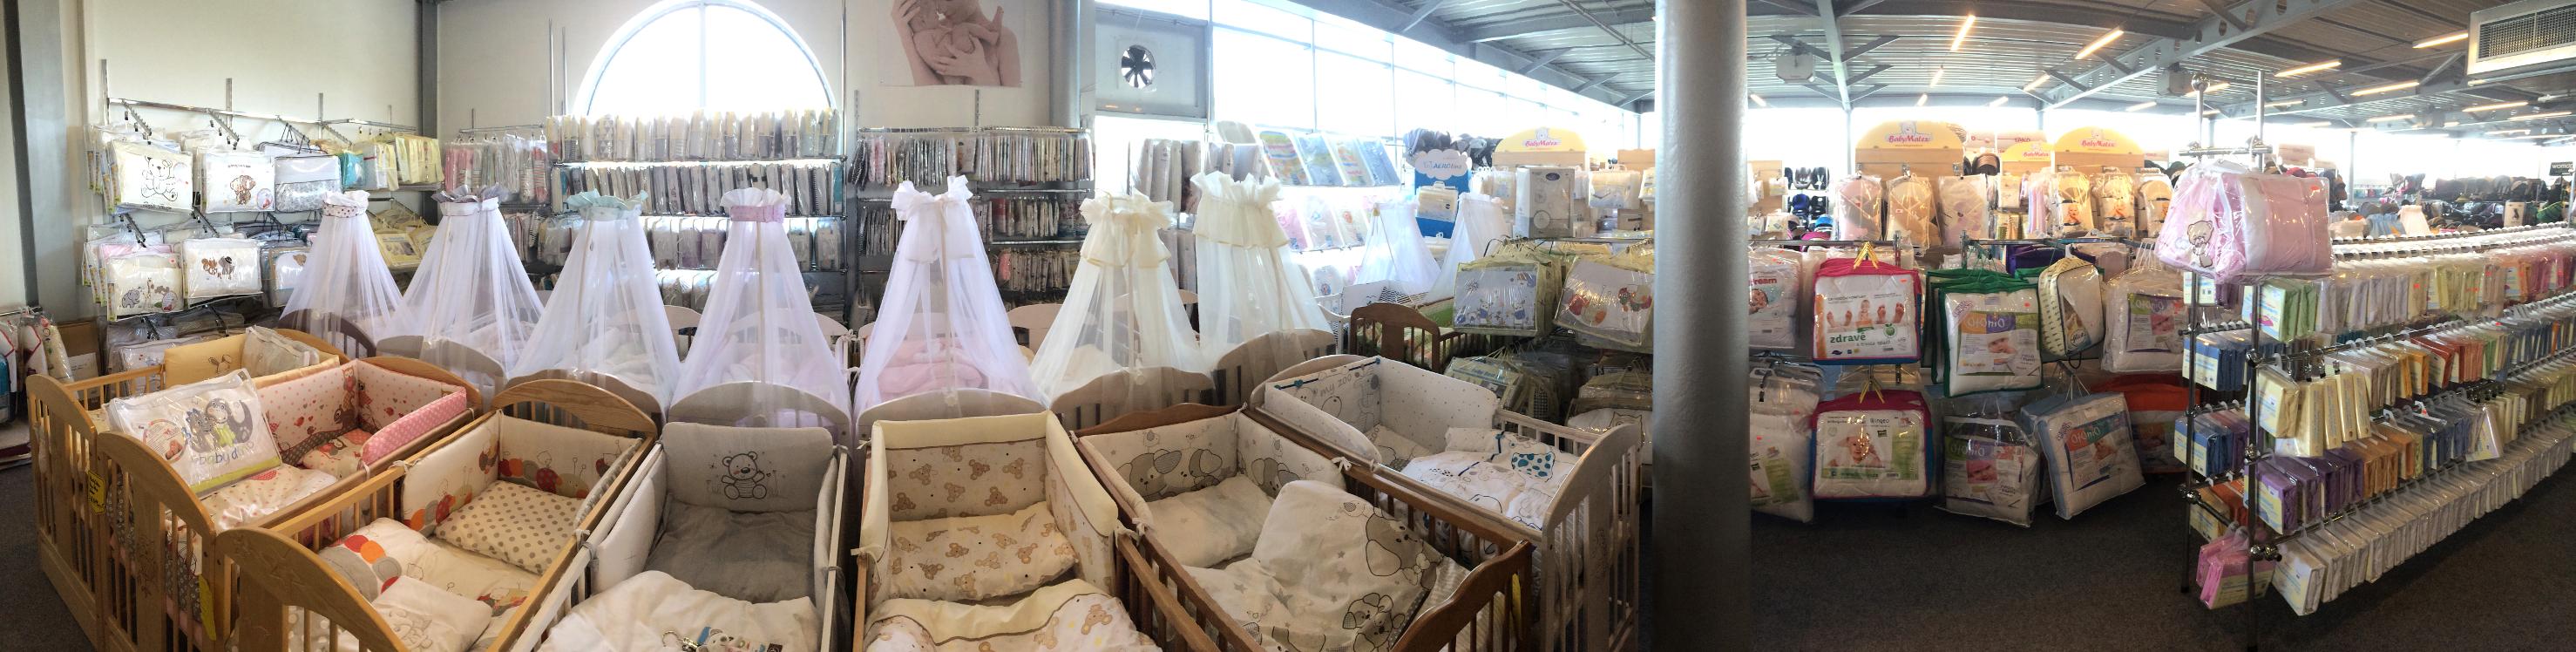 Babyplace - vše ke spaní pro miminka v Ostravě, povlečení, matrace, chrániče matrací, prostěradla, monitory dechu ....